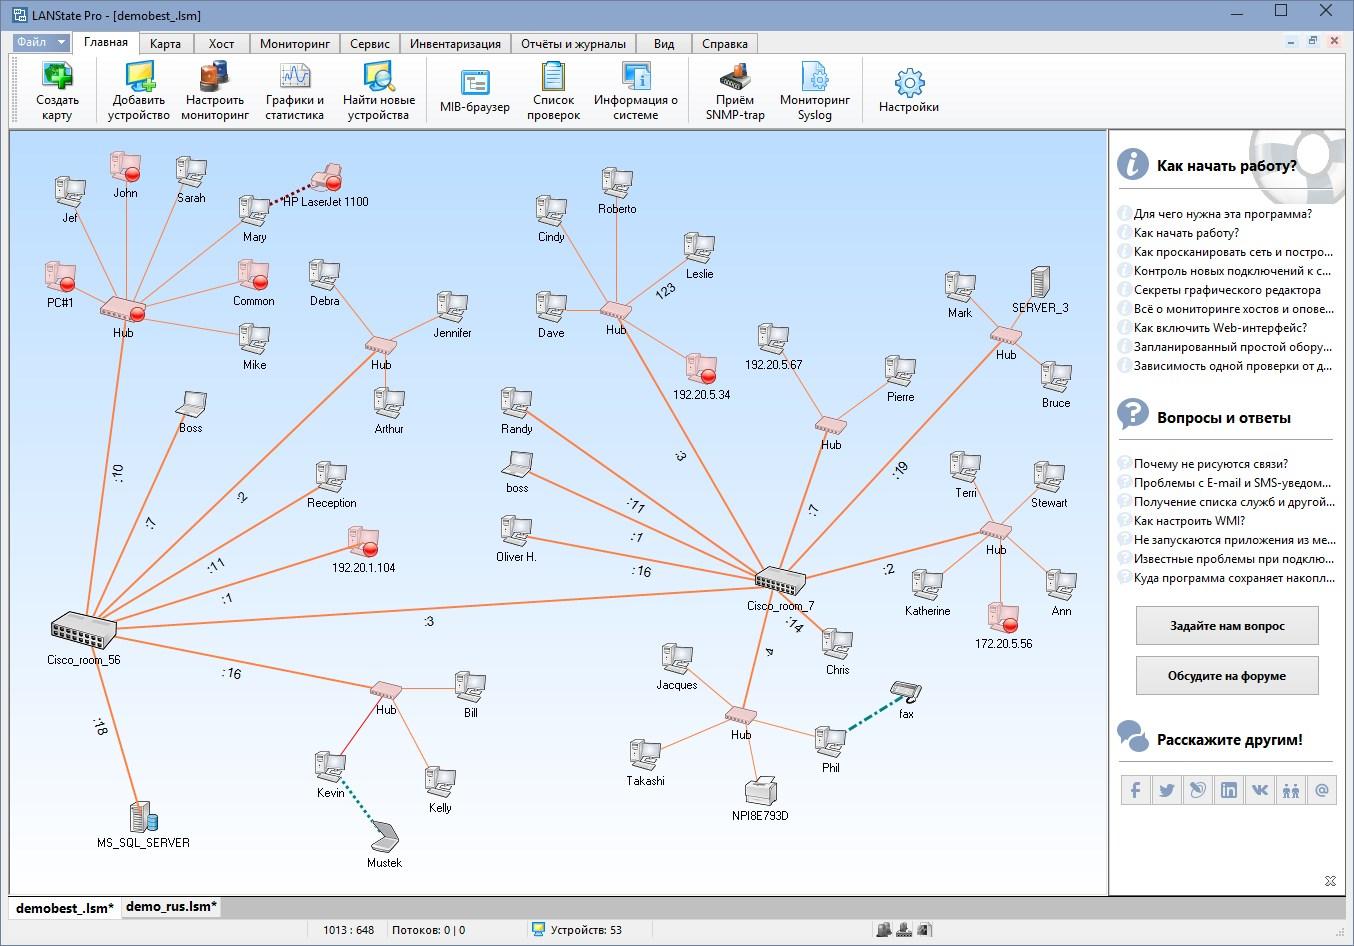 Позволяет отображать текущее состояние сети в виде графической карты, осуществляет мониторинг с помощью...